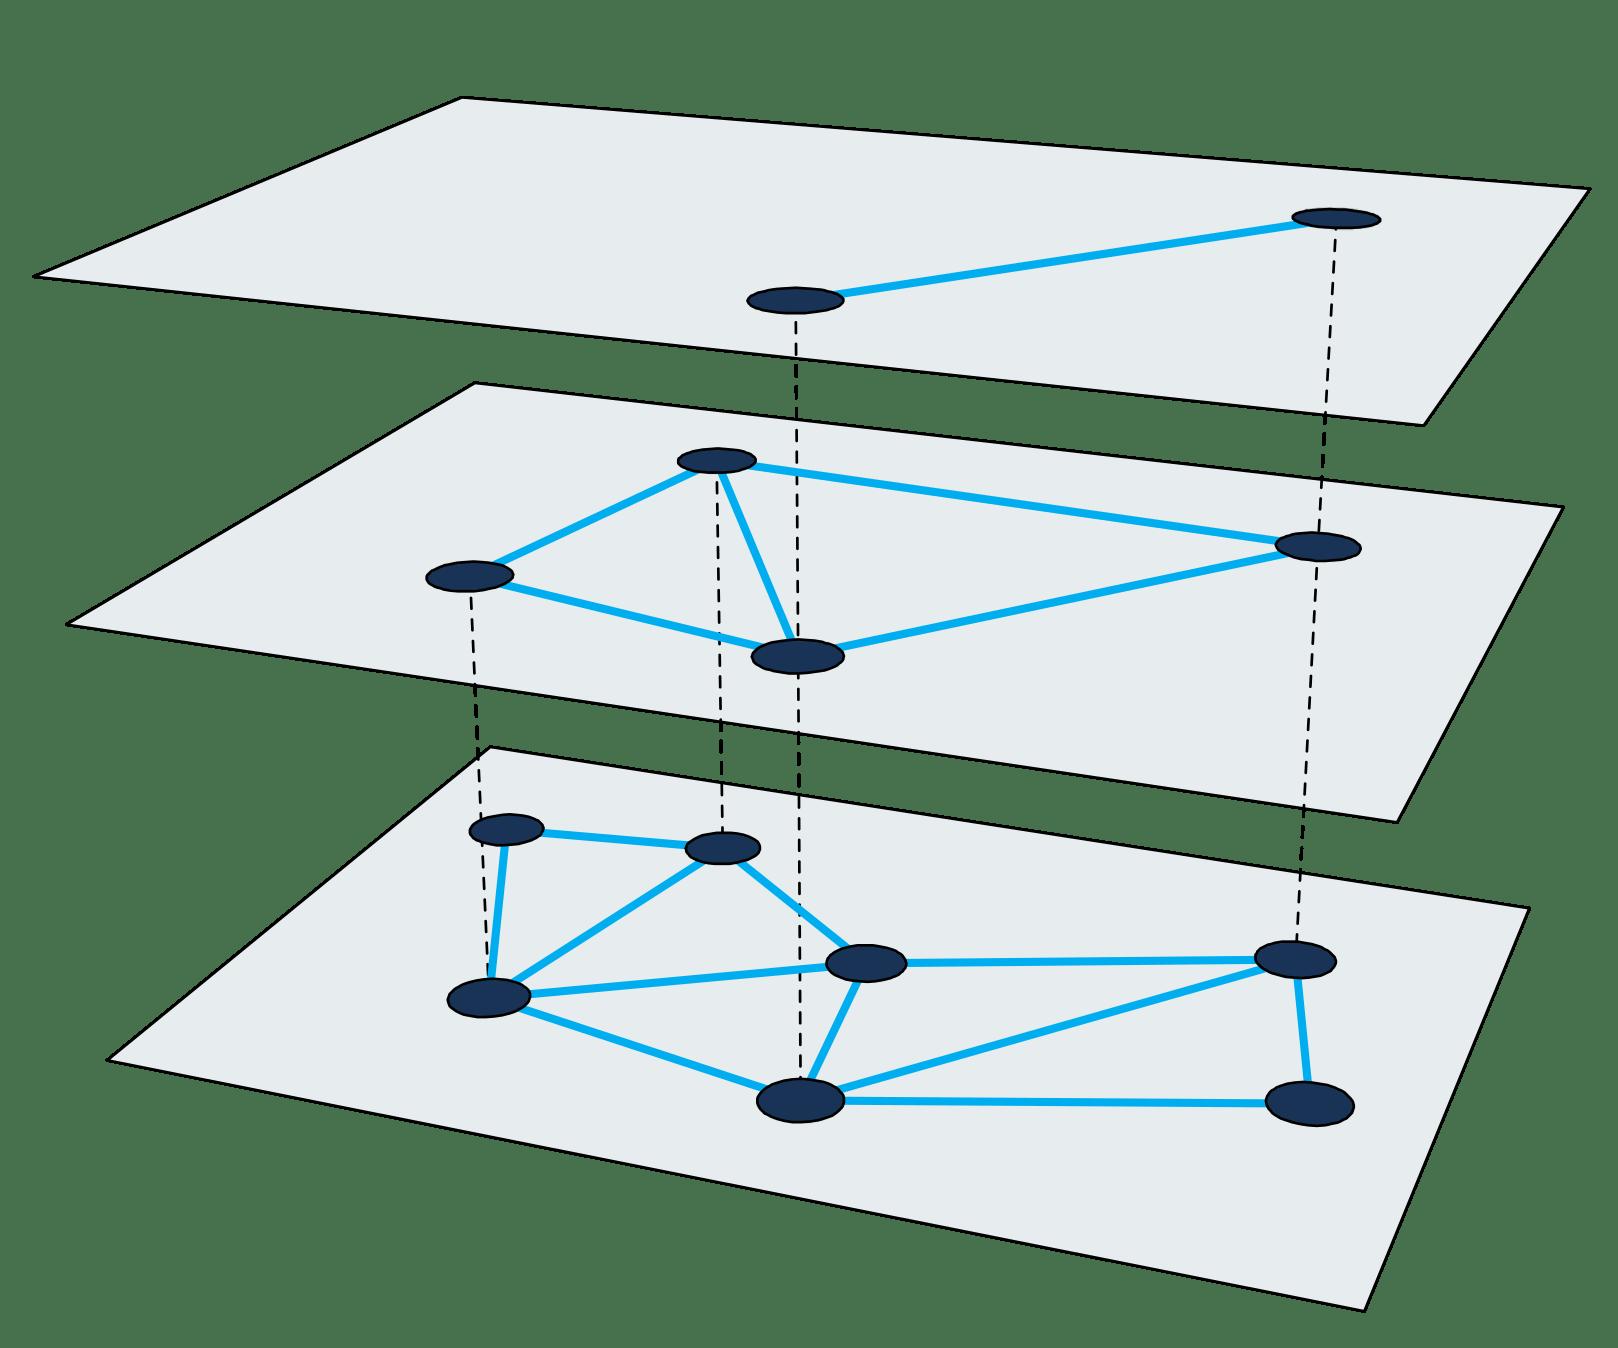 Figure 2: Multi-layered proximity graph